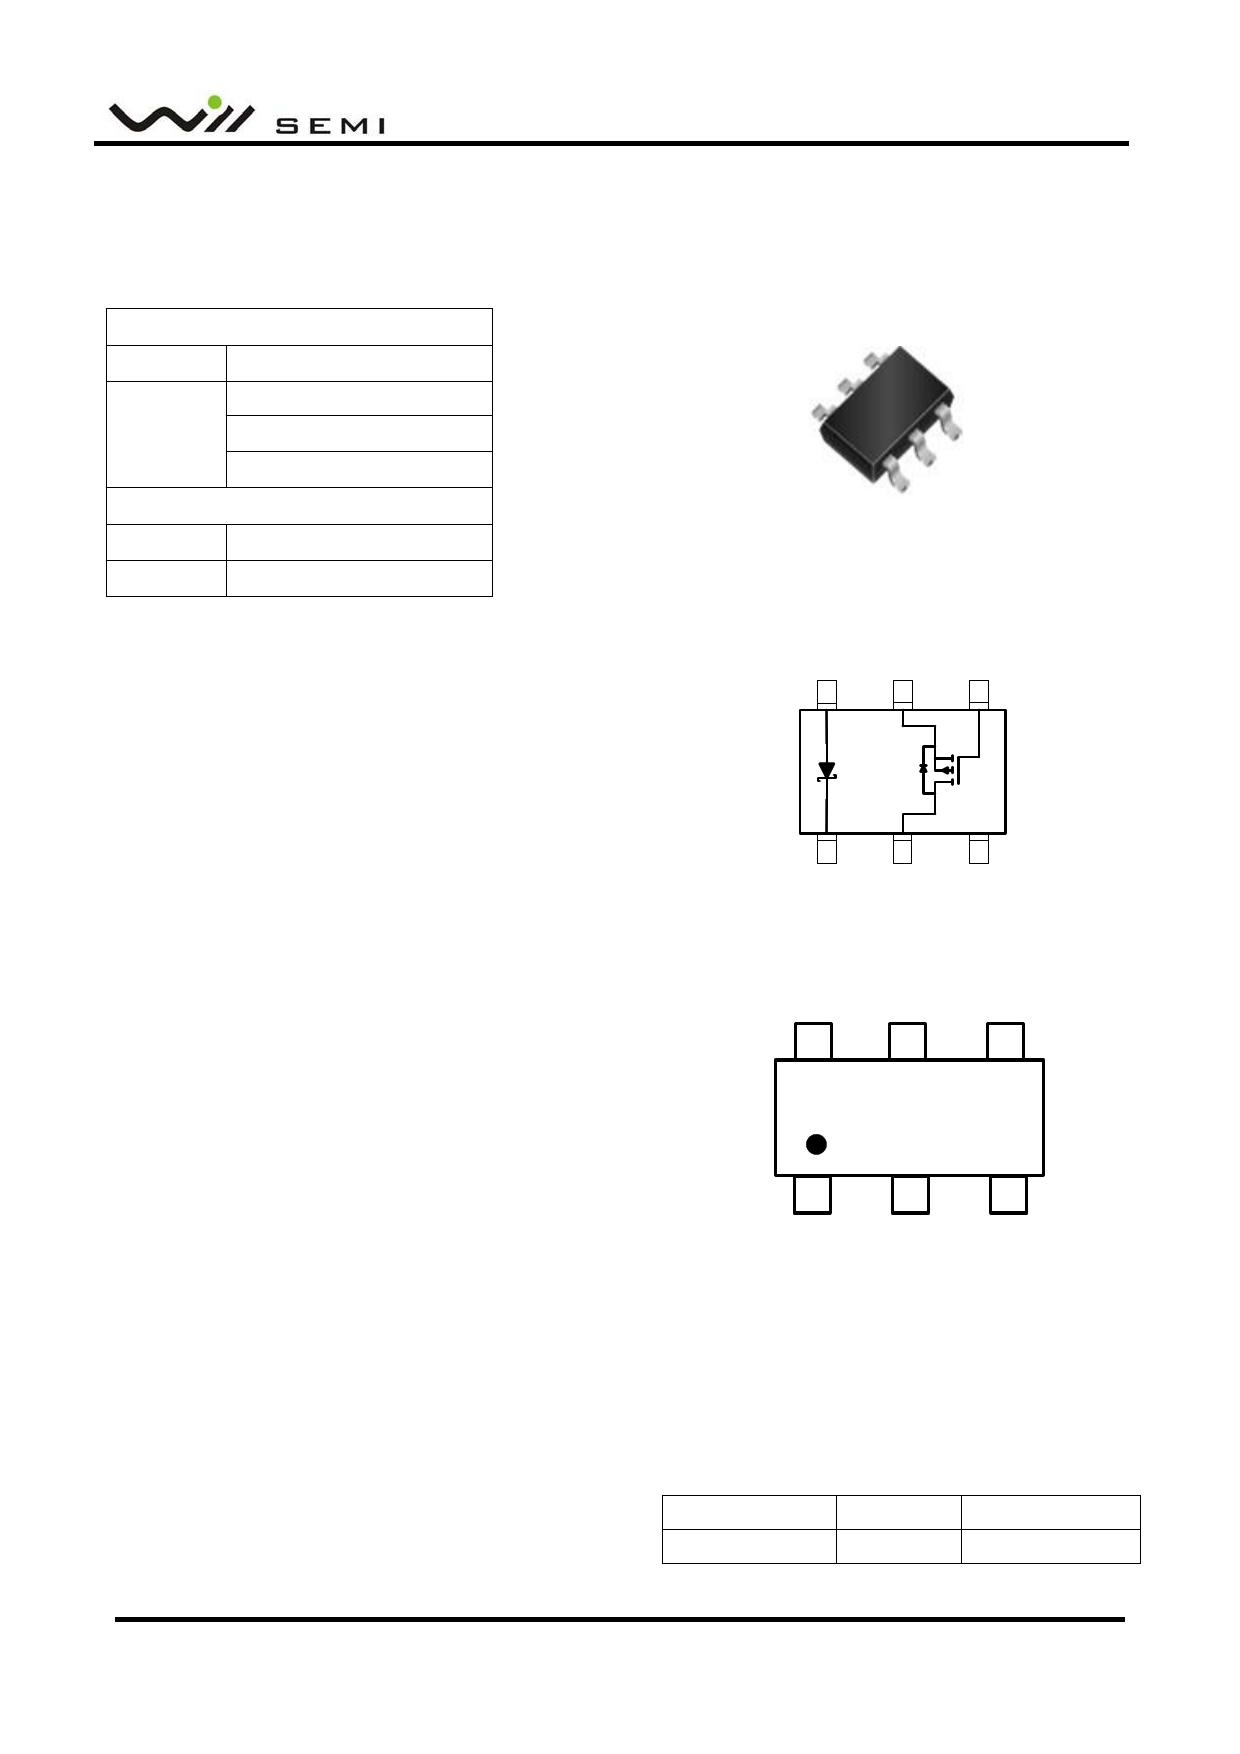 WPM2045 datasheet